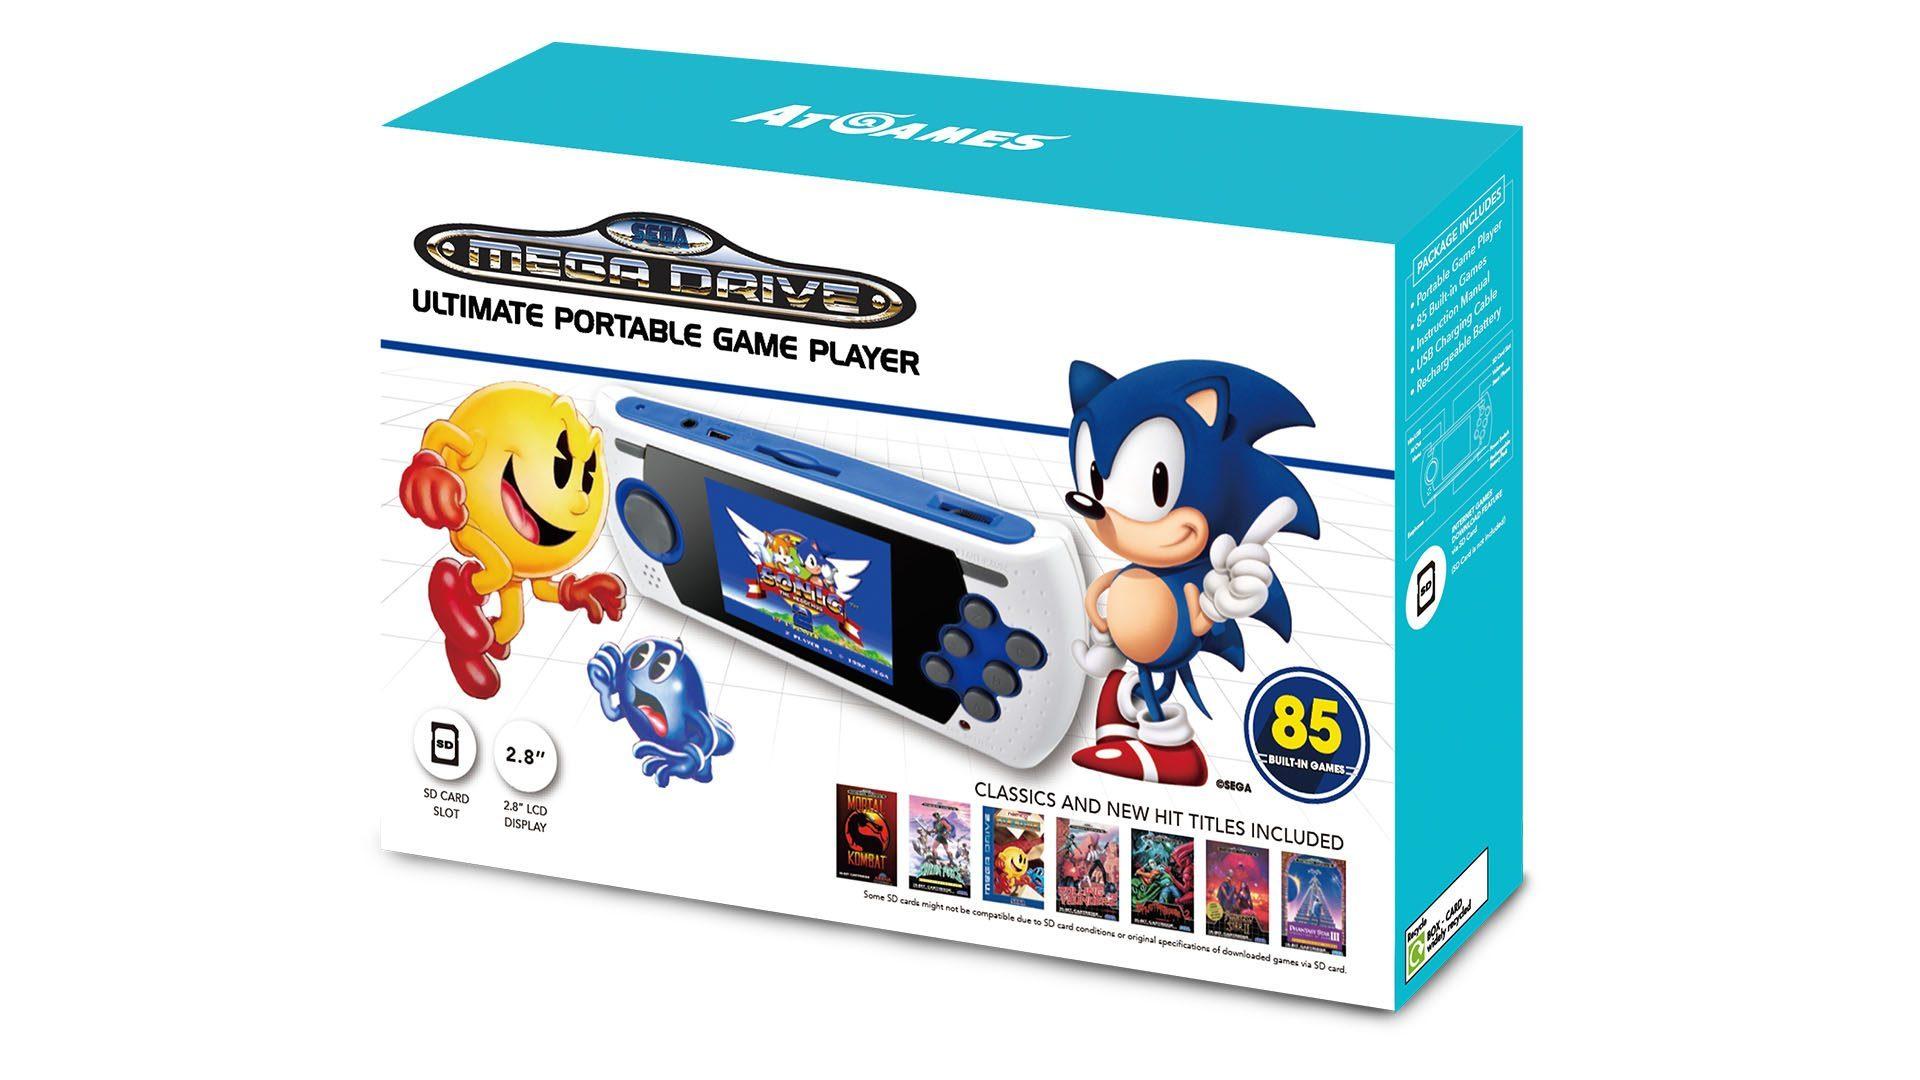 Sega_Ultimate_Portable_Game_Player